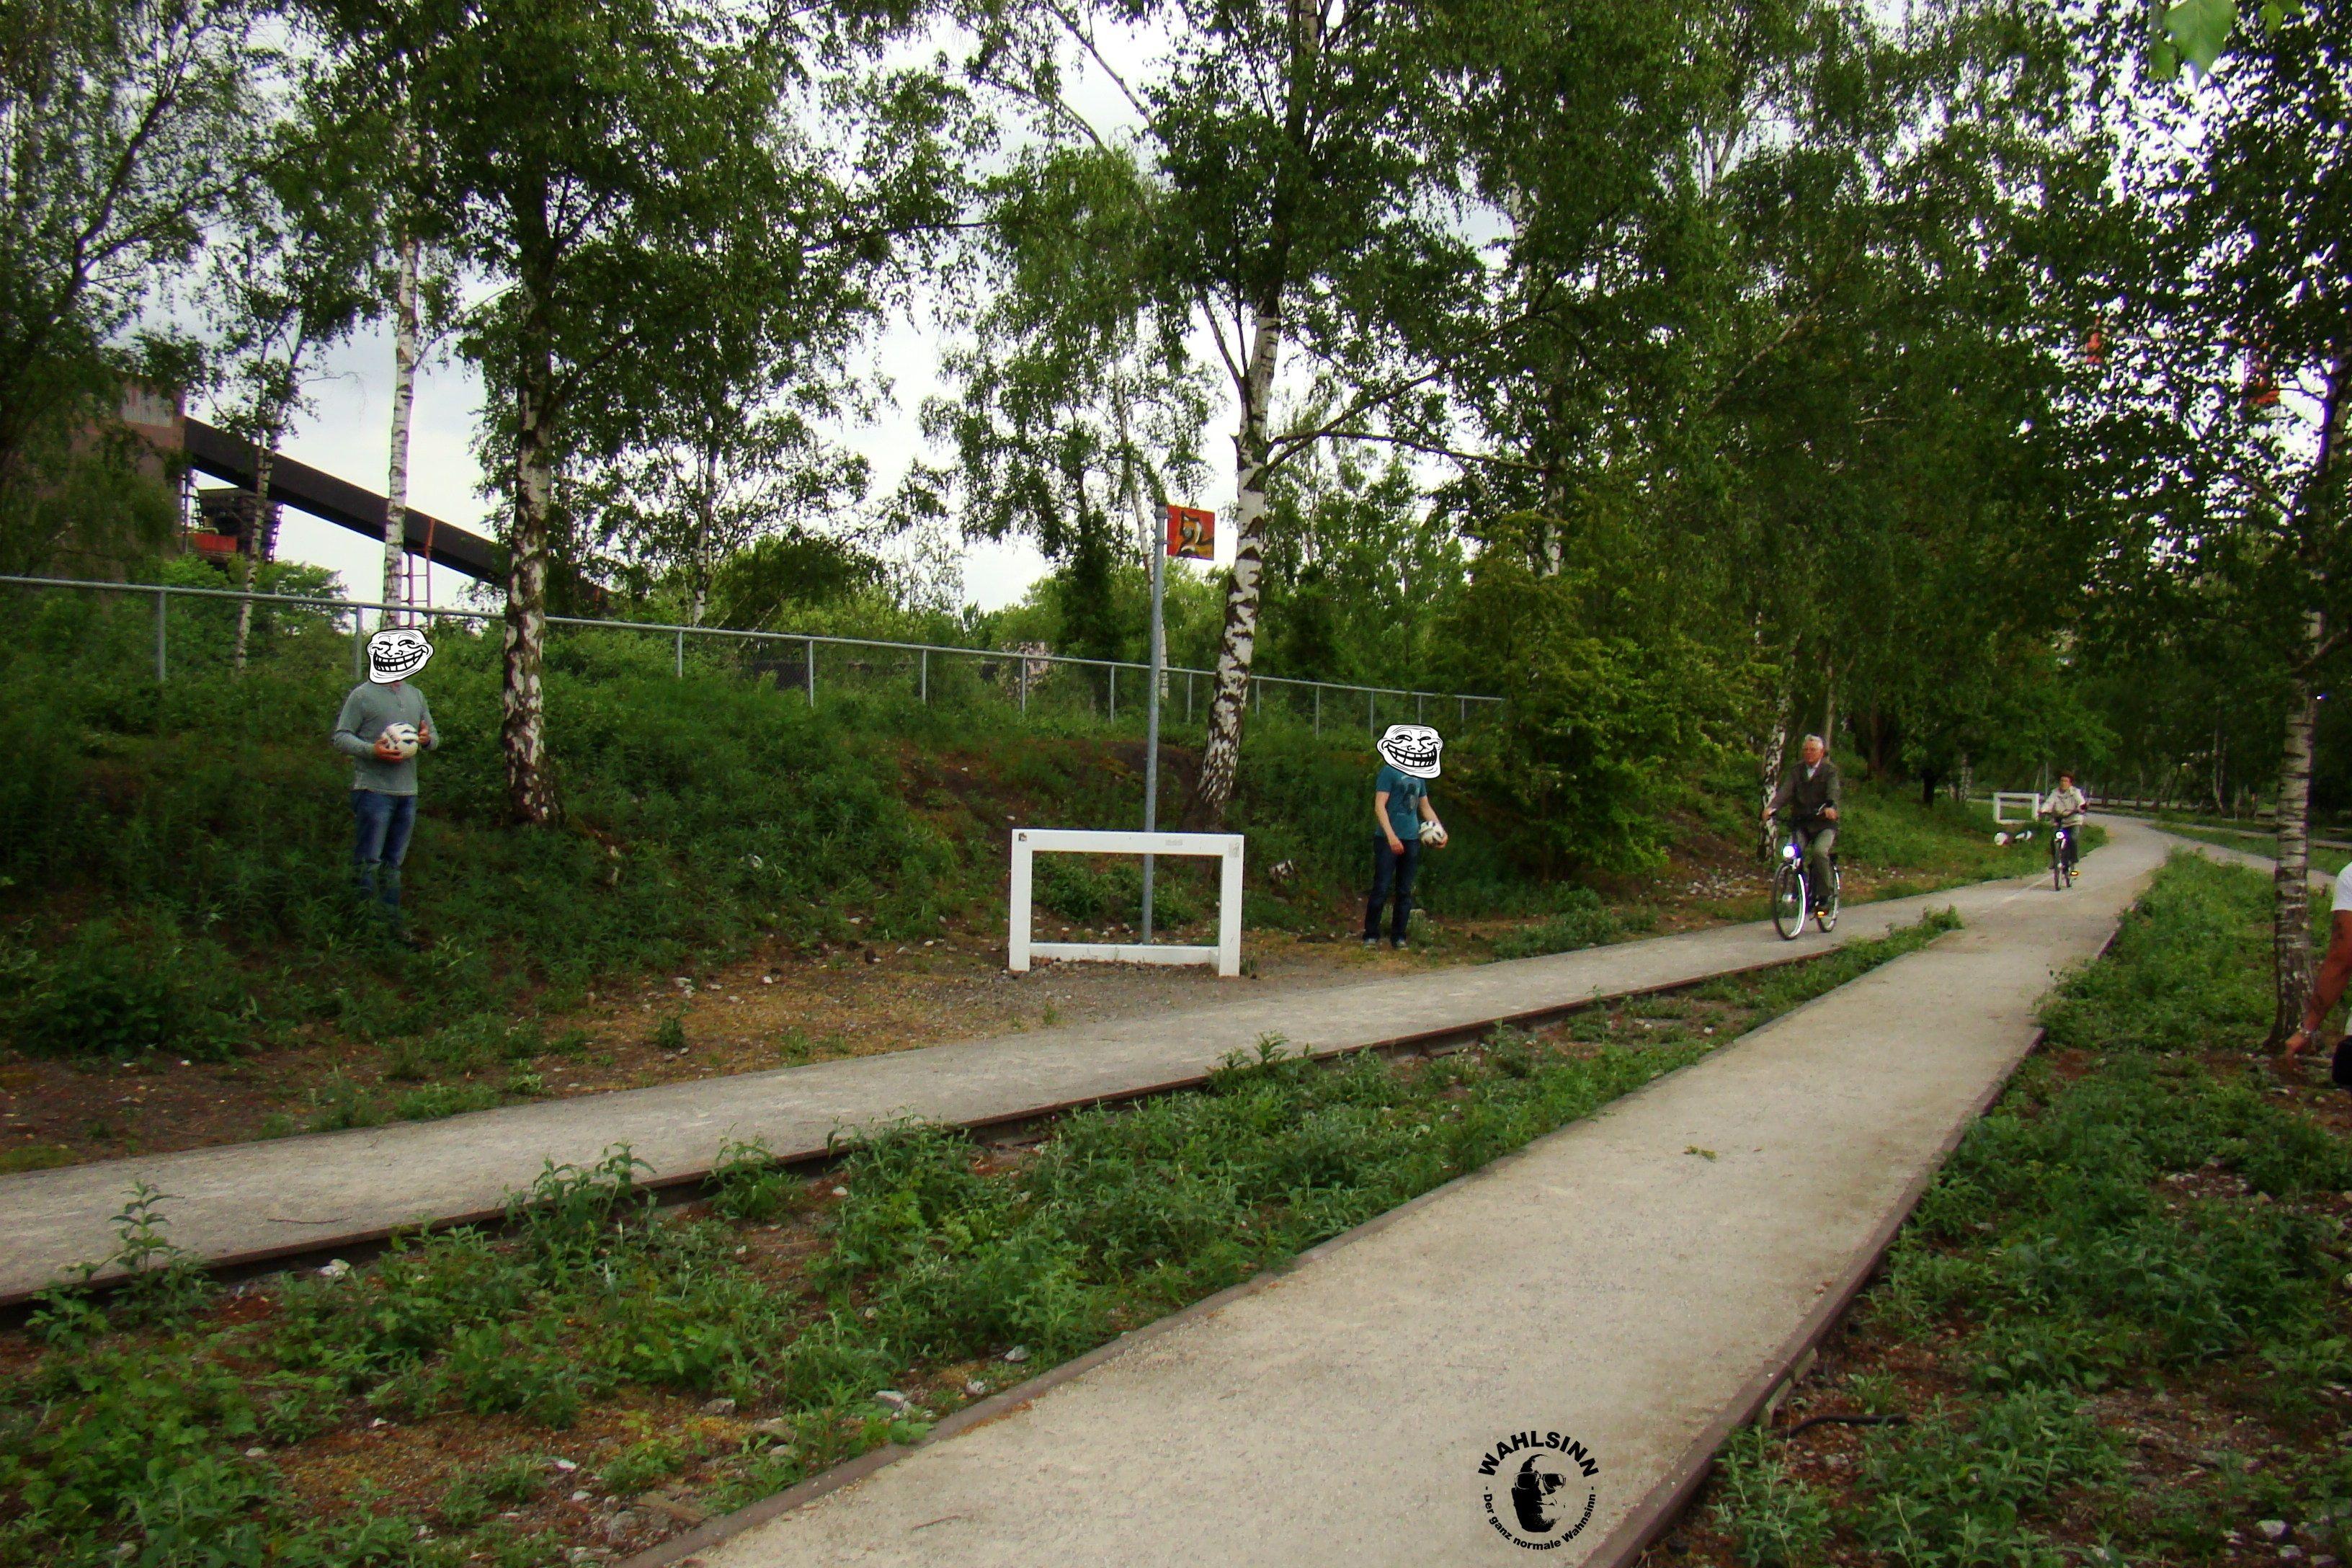 Fußballgolf - Das erste Ziel zum greifen nah